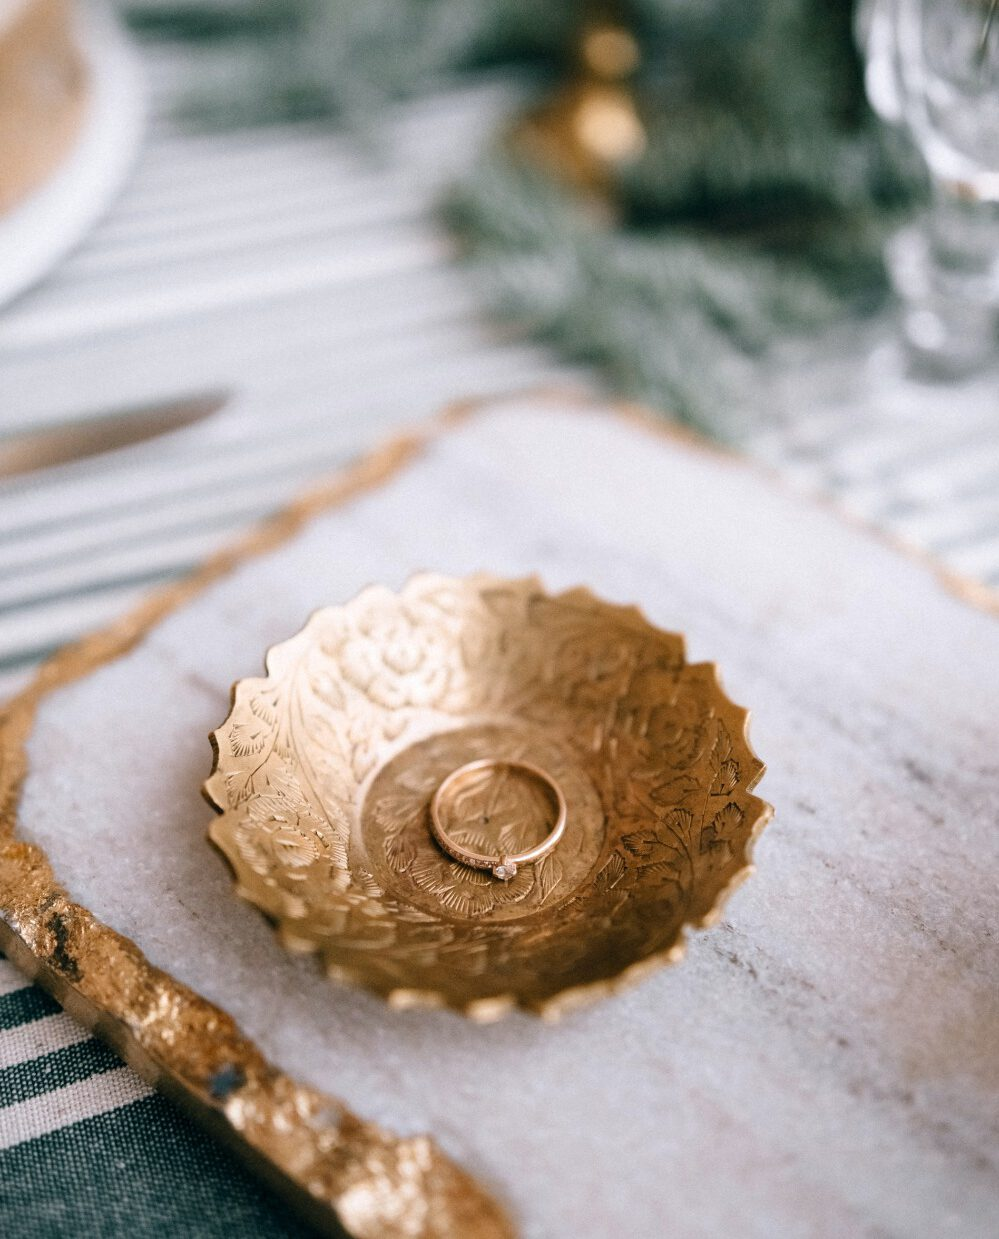 cadeau ideeën vrouw - cadeau voor haar - handgemaakte cadeau inspiratie - cadeaus van ondernemers - orignele kerstcadeaus voor haar - cadeau tips voor haar